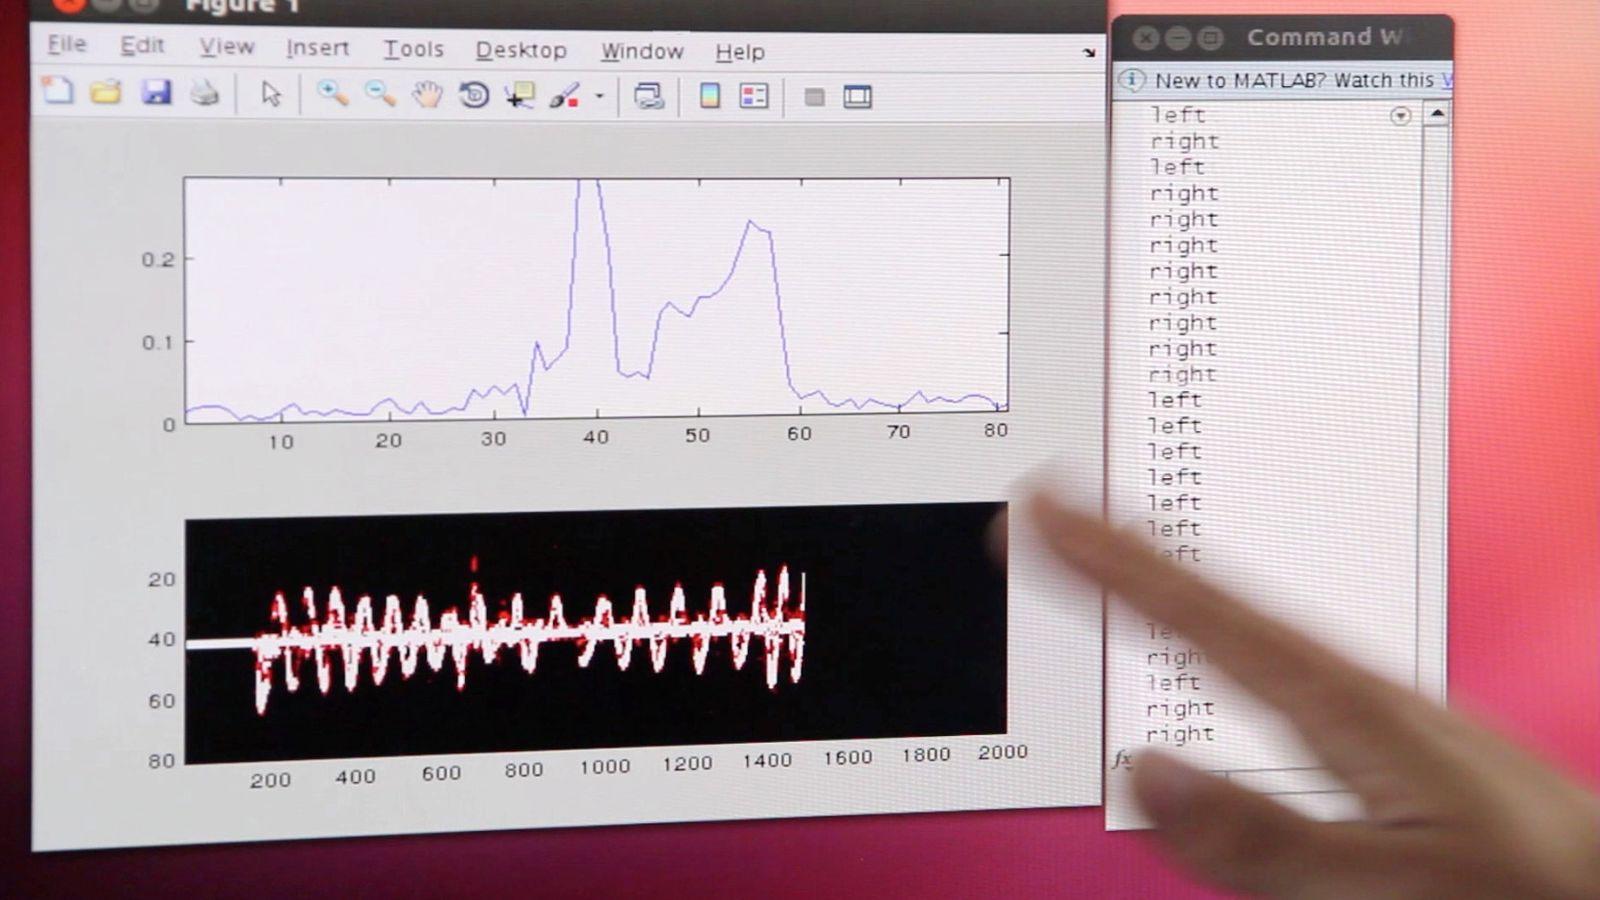 Gestensteuerung - Bewegungserkennung durch WLAN